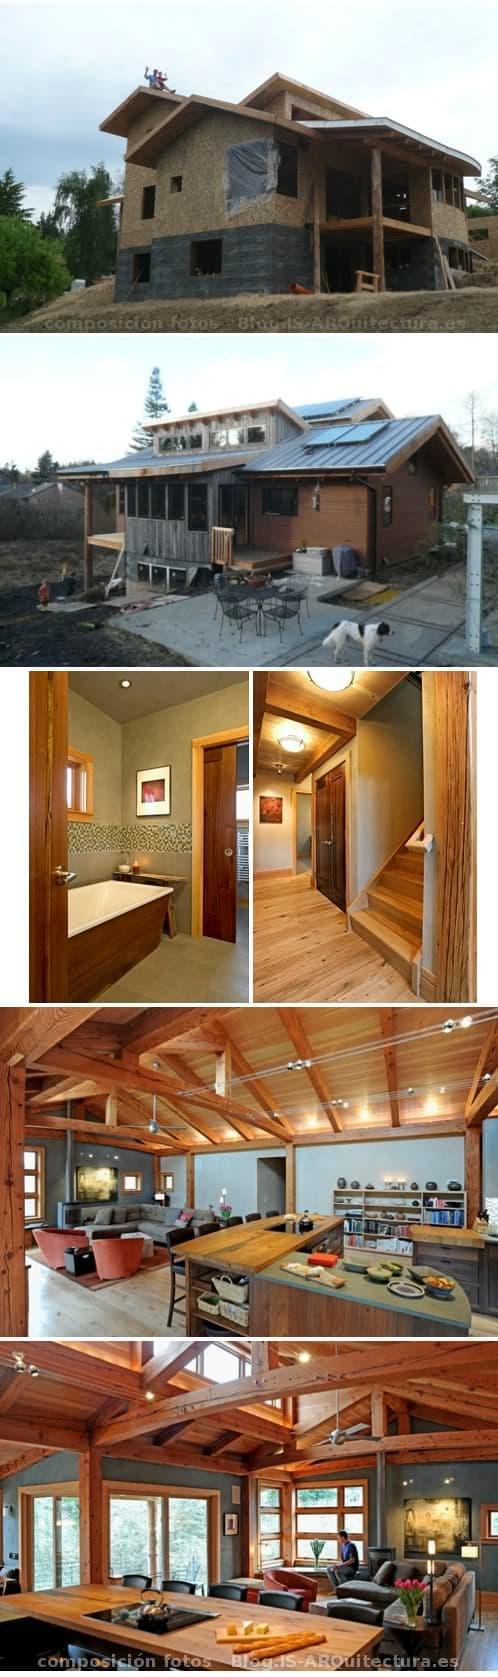 casa-madera-ecologica-portland